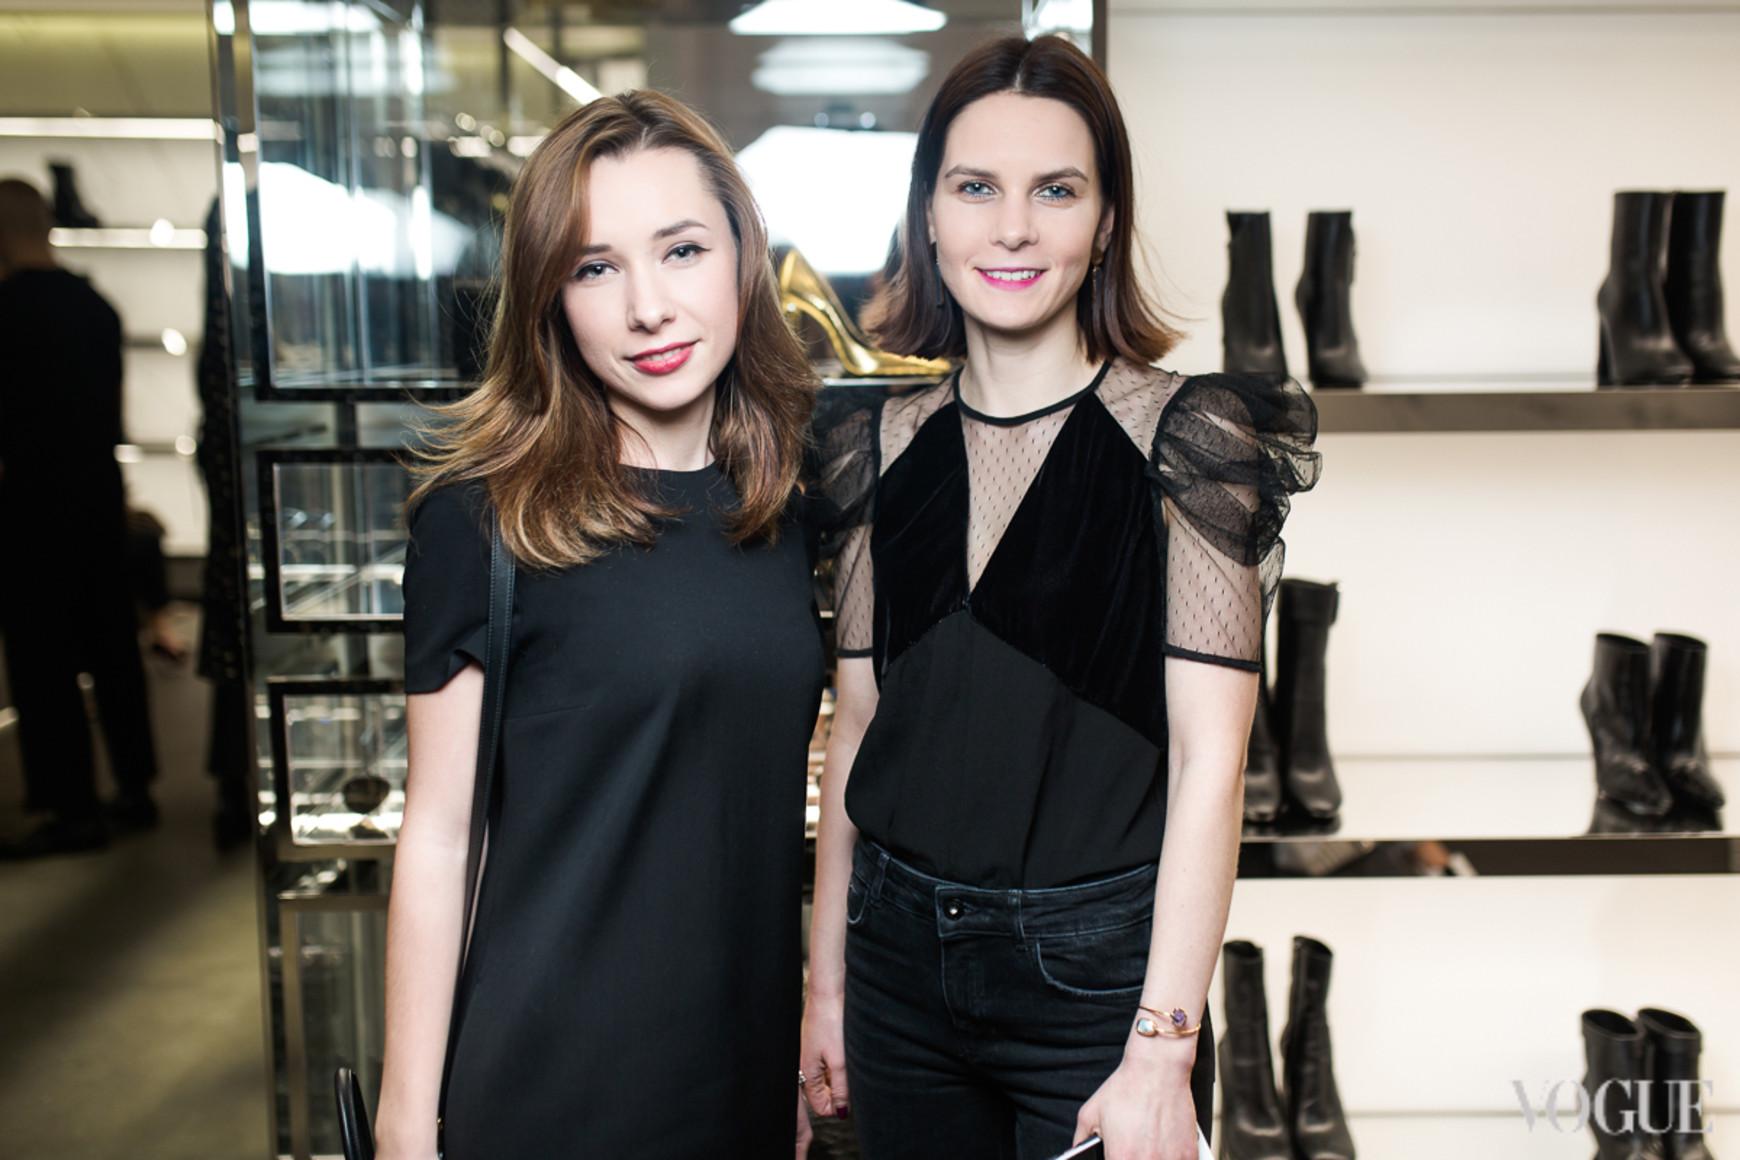 Кристина Билозир и Лена Фабровская